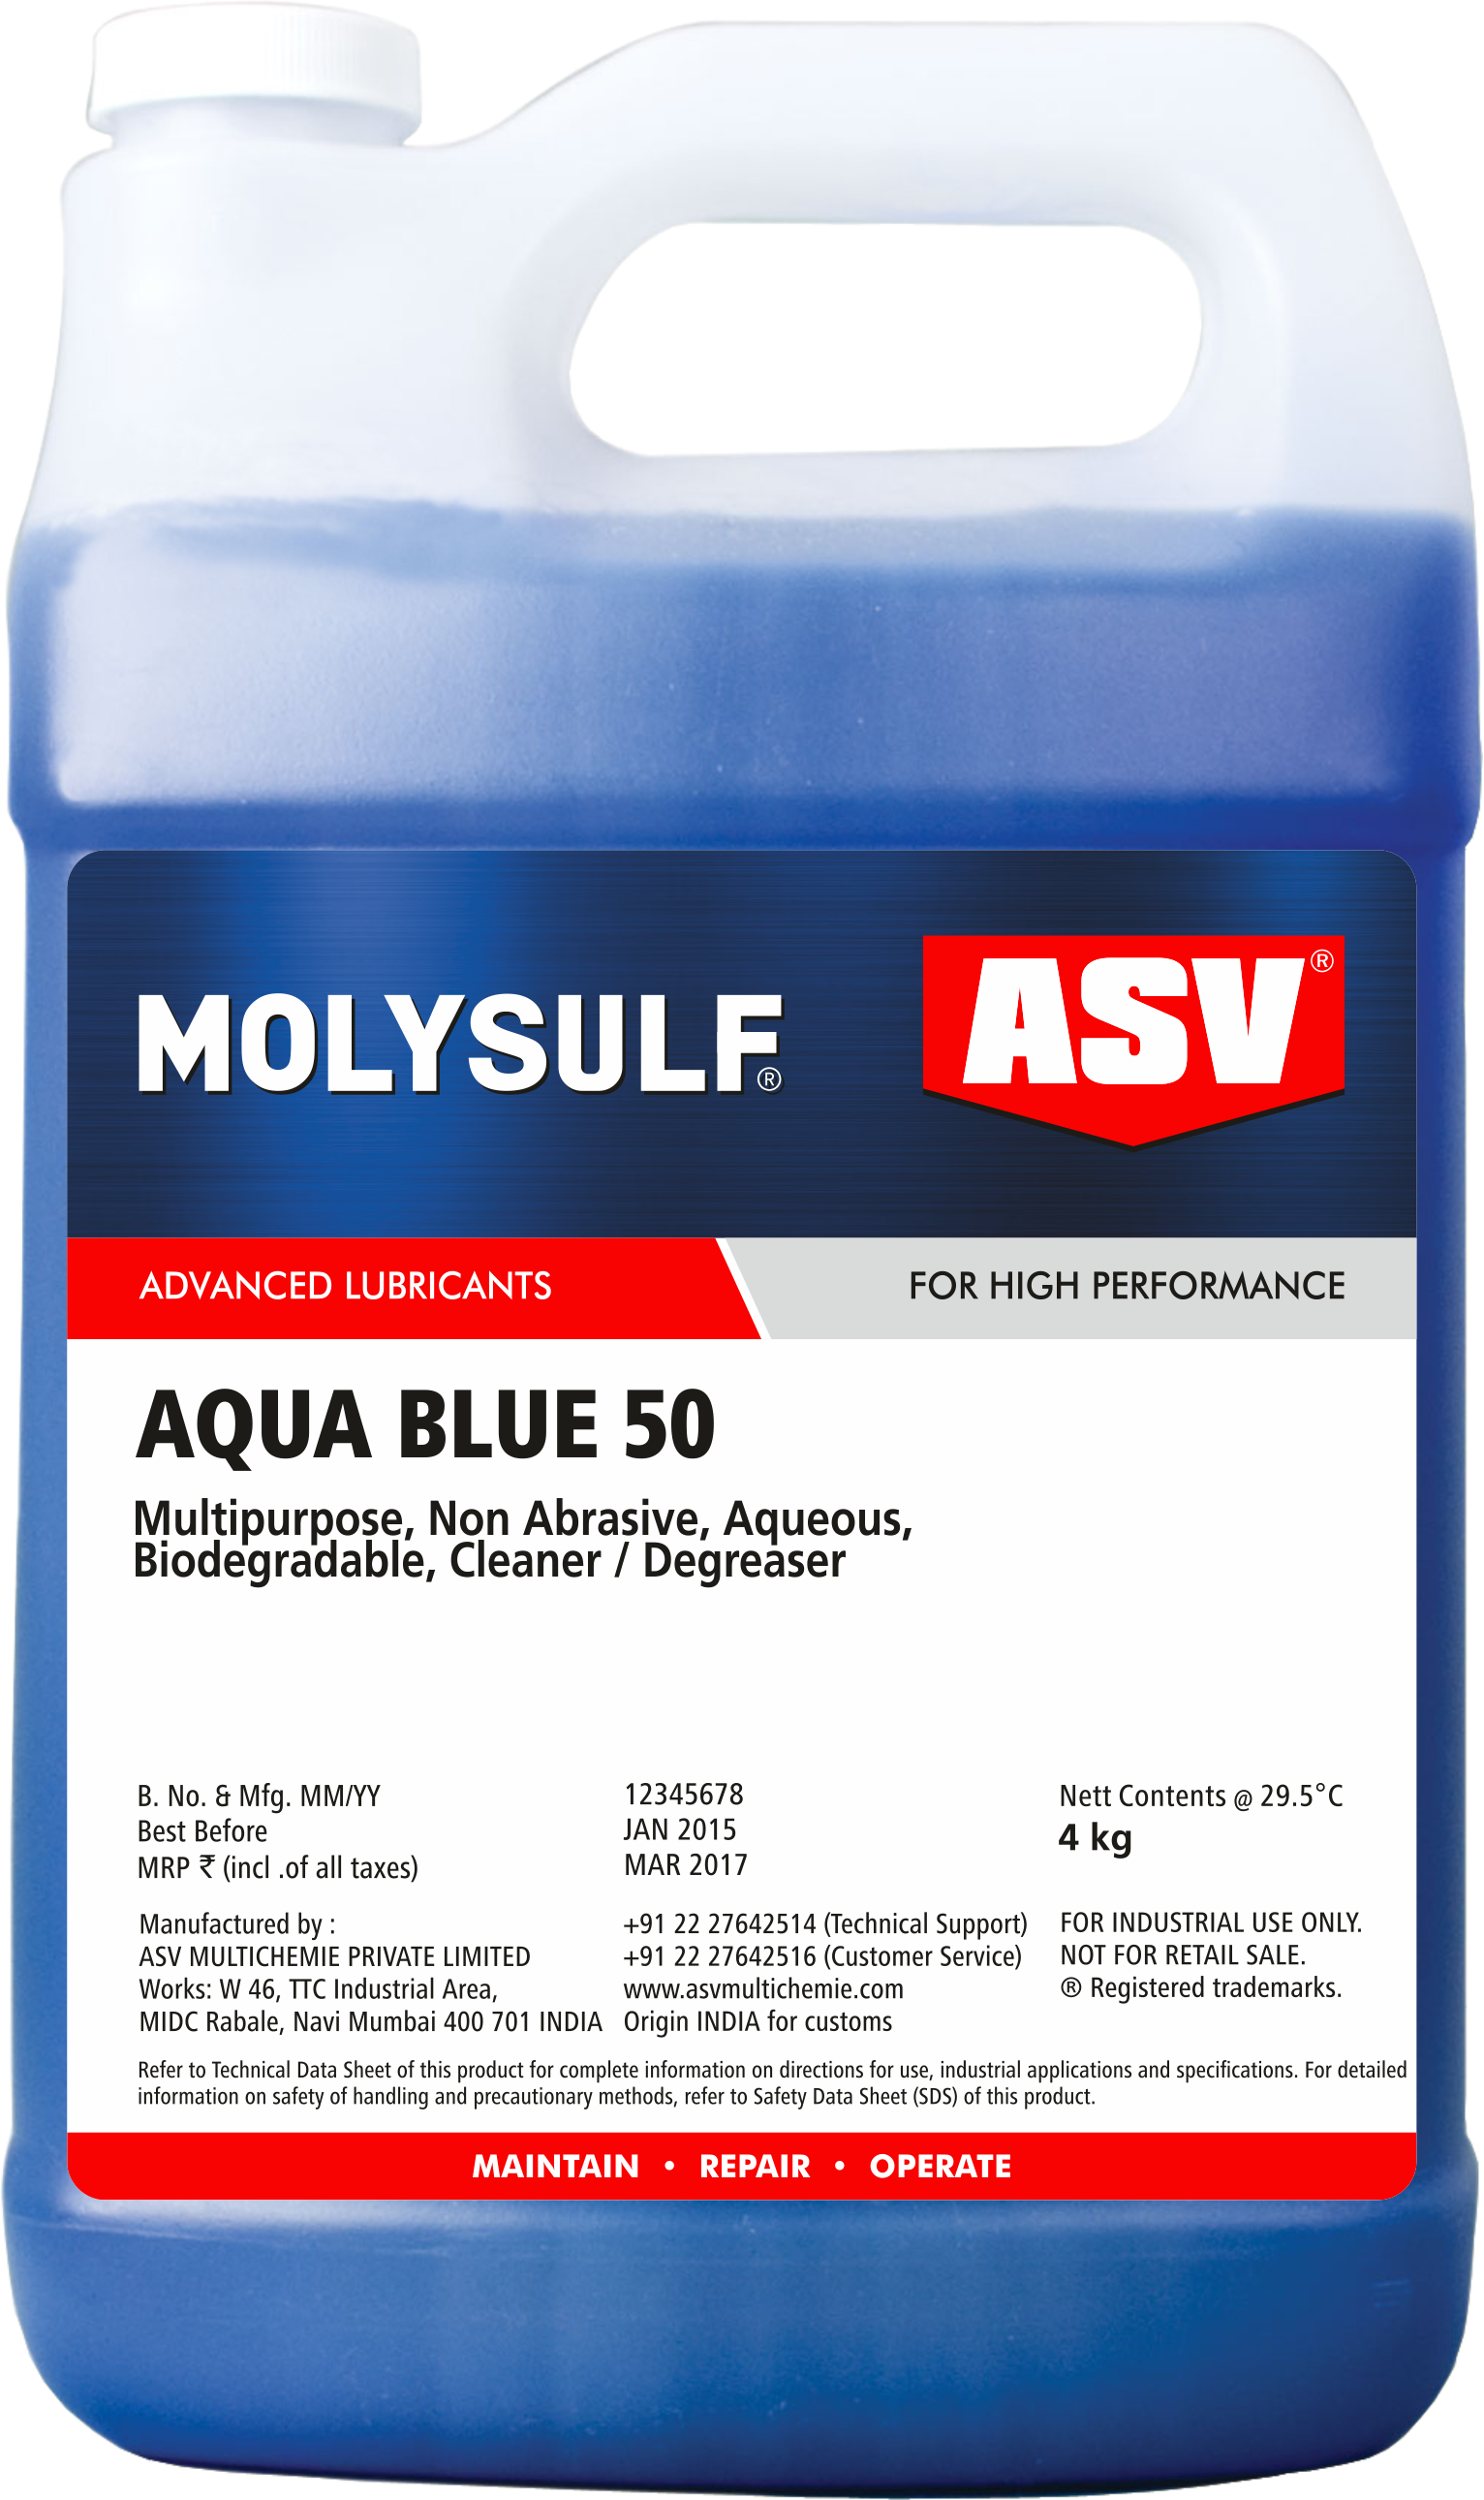 Aqua Blue 50